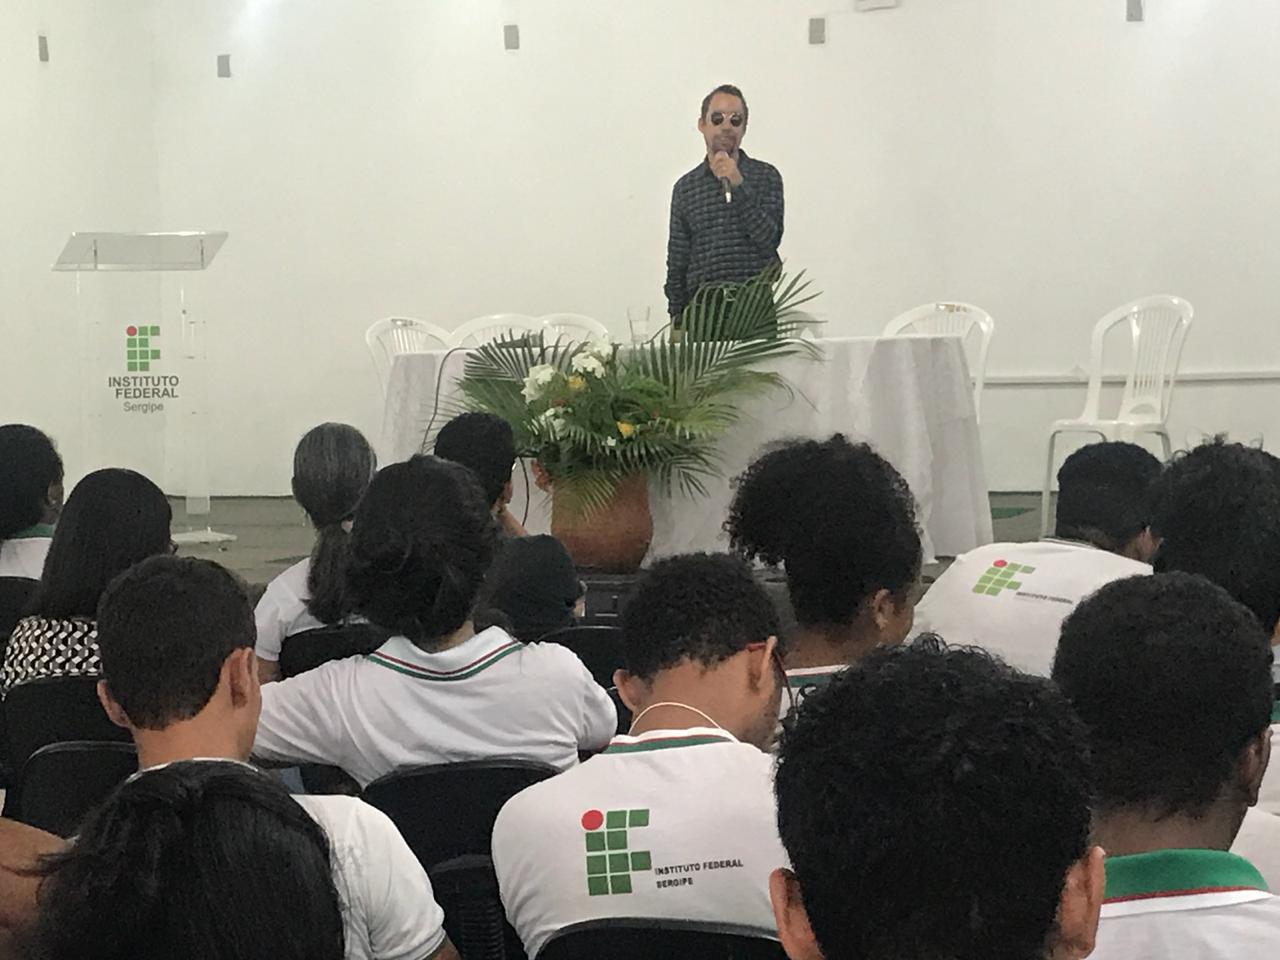 #PraTodoMundoVer Auditório com alunos do IFS durante palestra do vereador Lucas Aribé